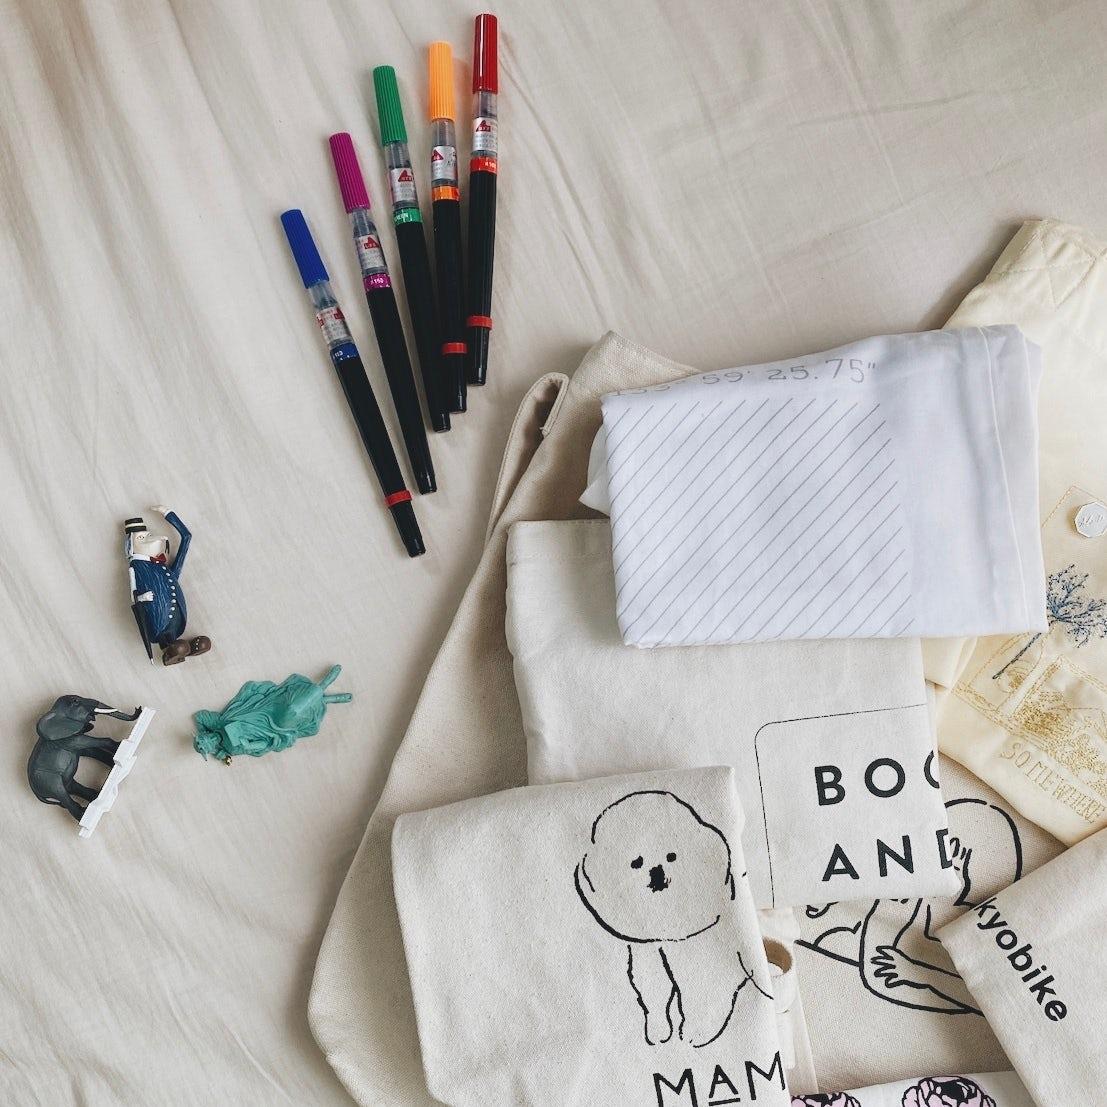 【私たちの買い物】第2話:ガチャガチャ、色とりどりの文房具。小さい頃からモノに元気をもらっています。(動画チーム中村編)